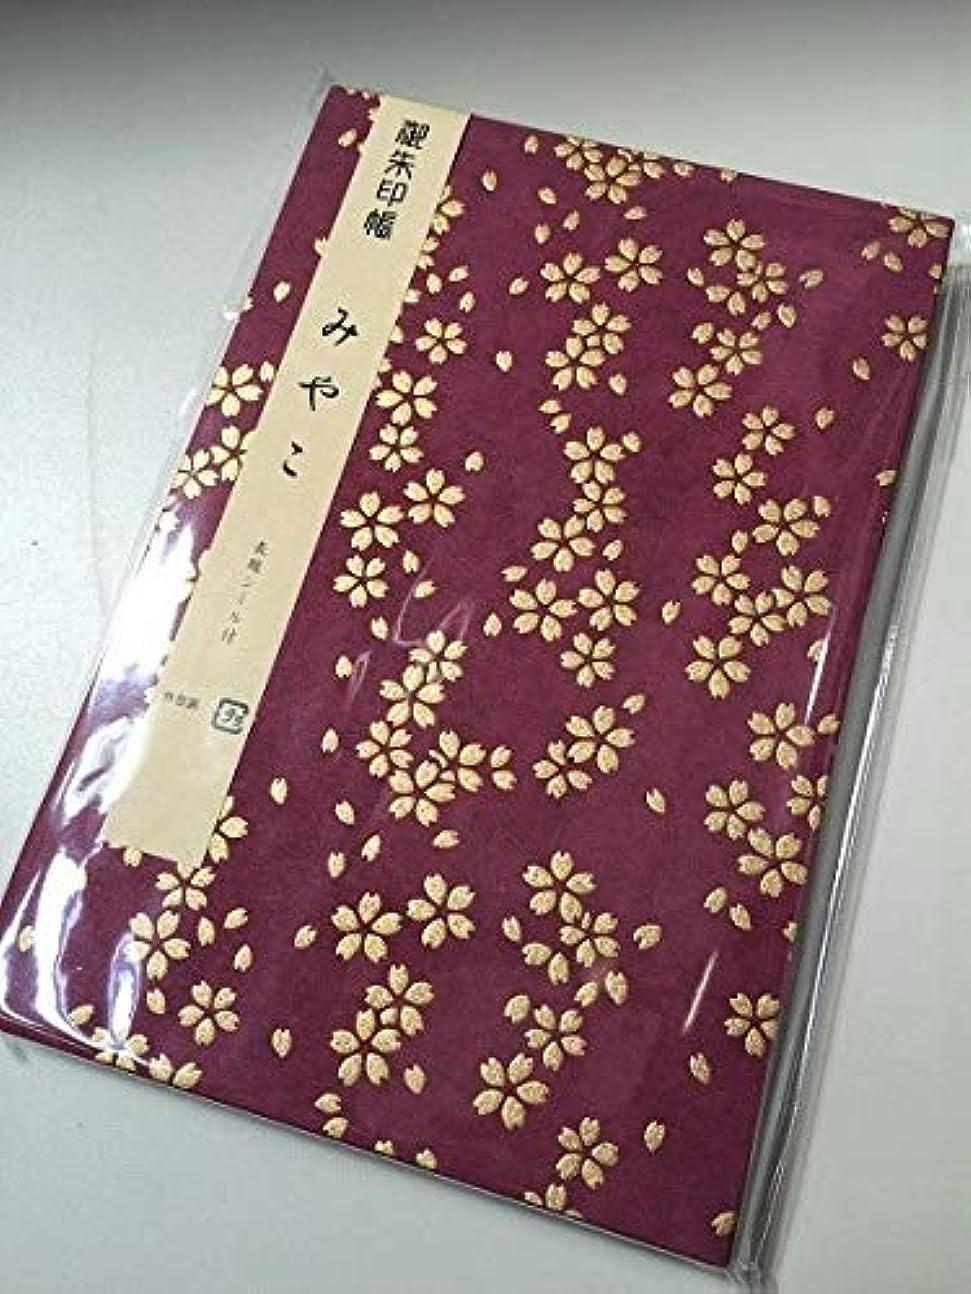 裁量飲み込む拍手御朱印帳 桜柄 エンジ色 18×12cm 朱印帳 2冊以上で